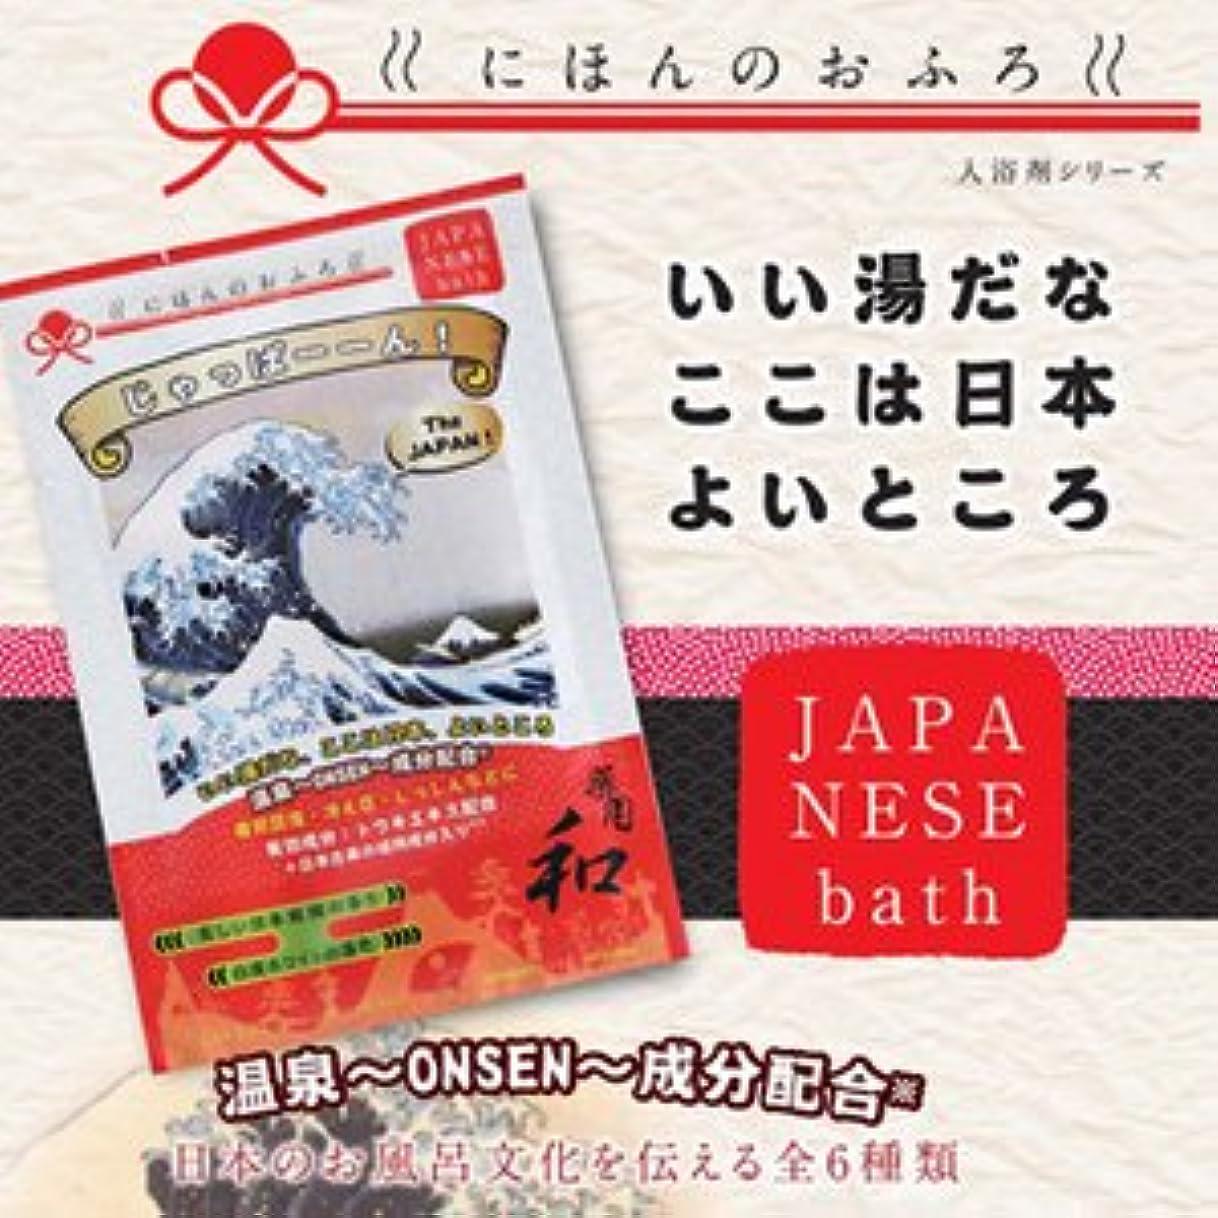 みぞれ寝てる酔っ払い日本のお風呂 全部ためせる6種類セット 入浴剤 福袋/入浴剤福袋